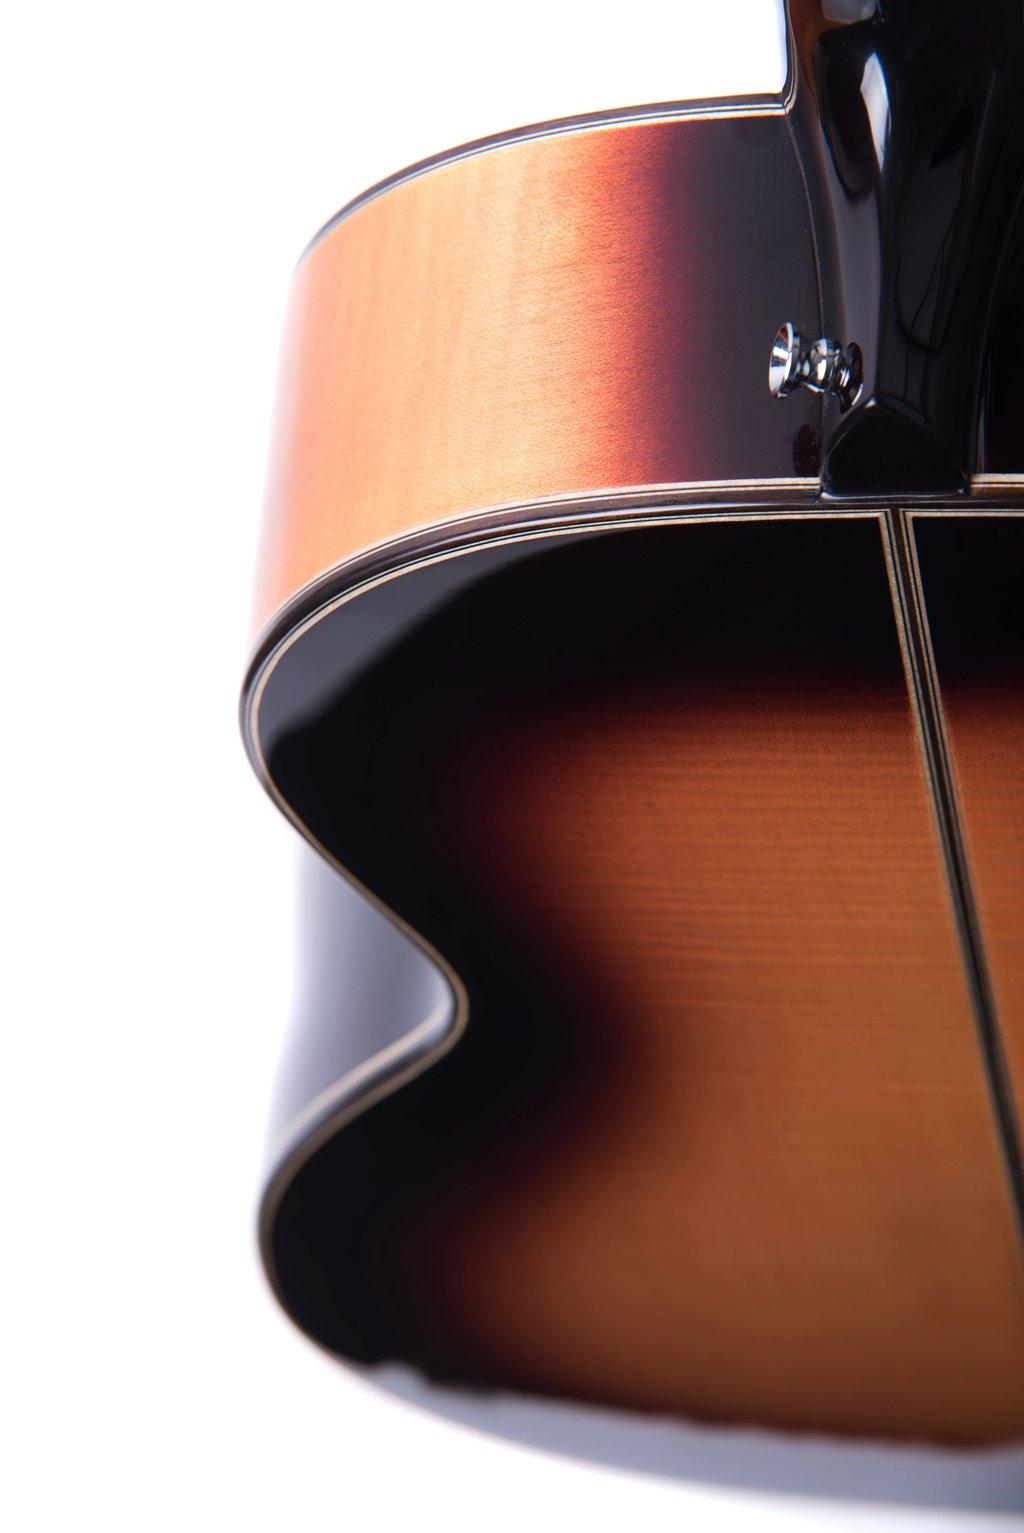 Chester Sunburst top neck - Auden acoustic guitar